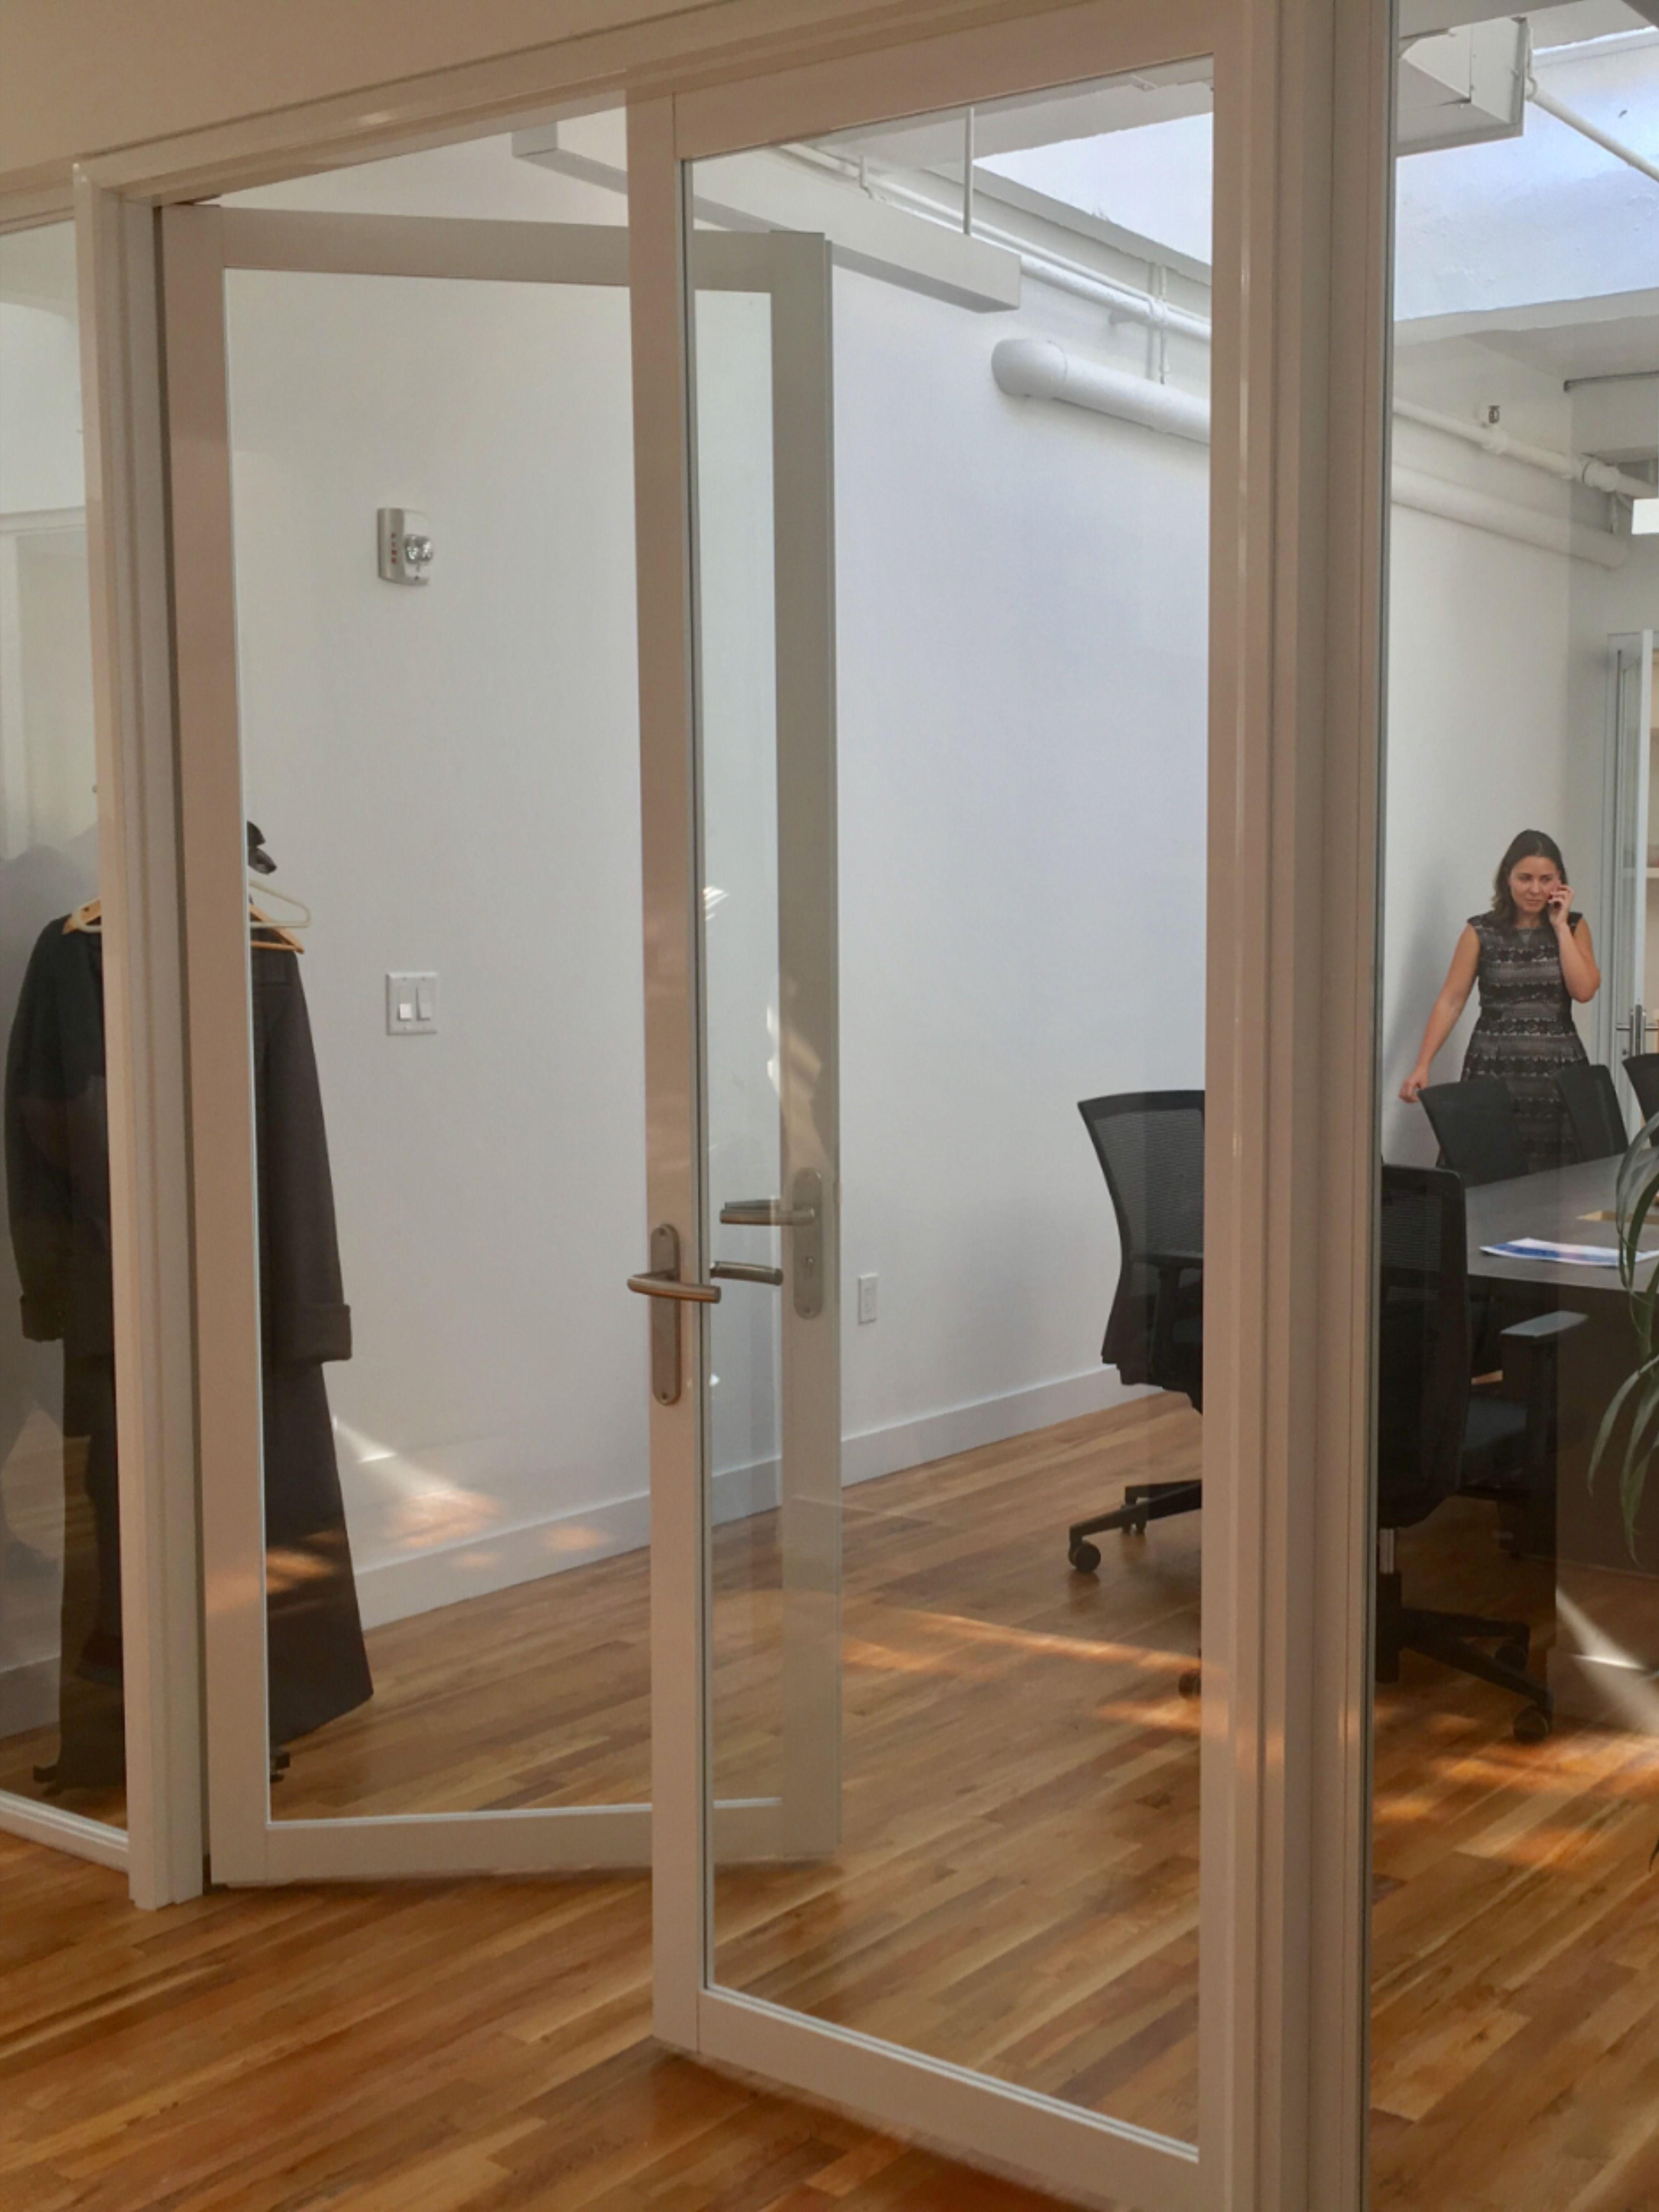 Double Swing Doors For Meeting Room Half Glass Interior Door Sliding Glass Door Replacement Sliding Glass Doors Patio